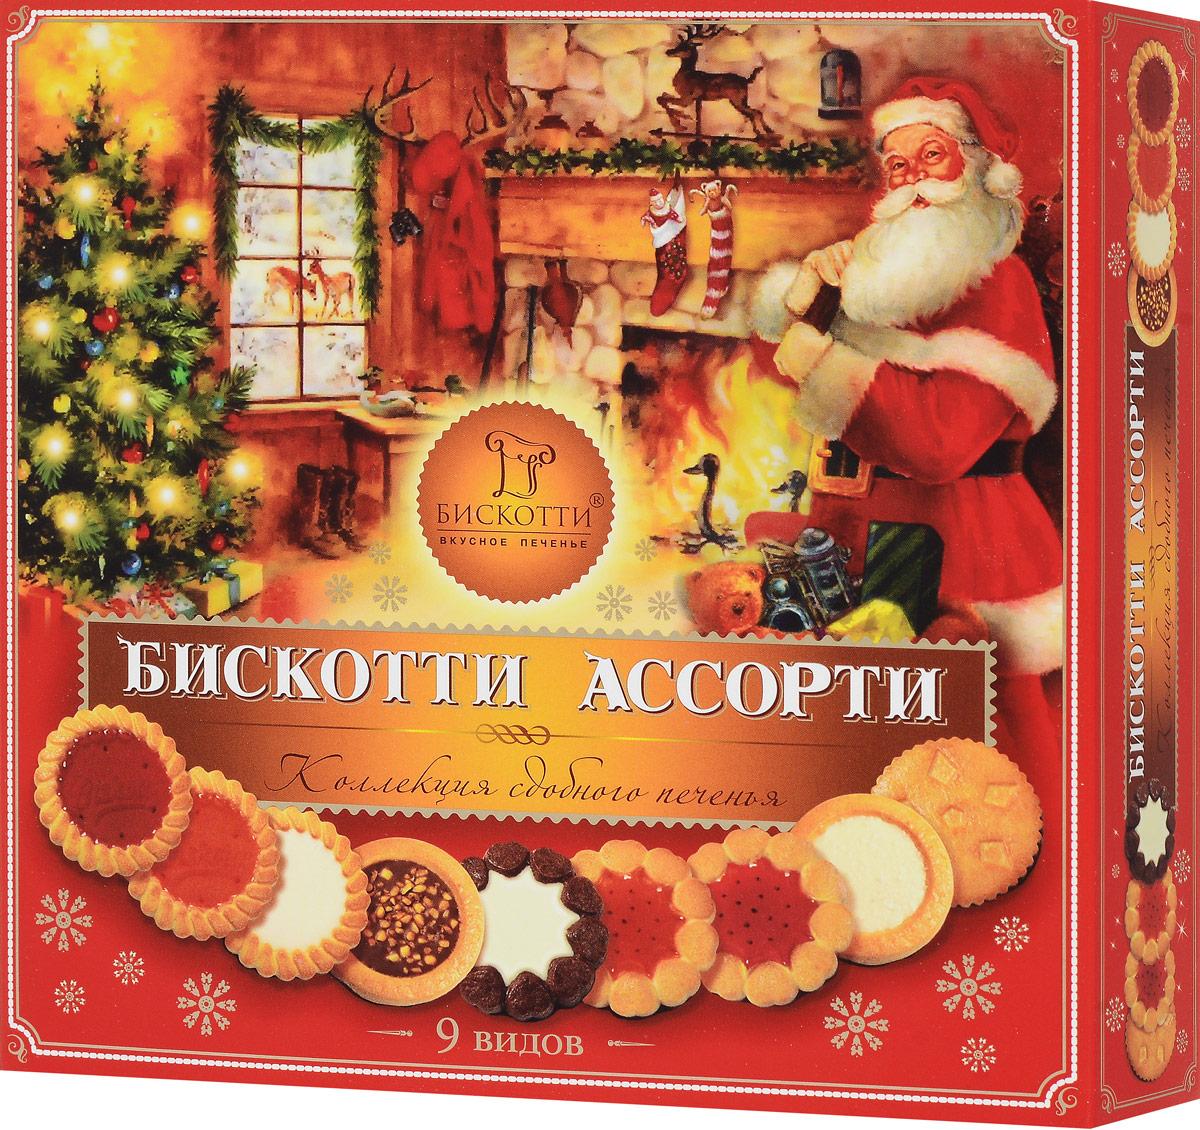 Бискотти Ассорти печенье сдобное, 345 г (9 видов) купить цельнозерновое печенье